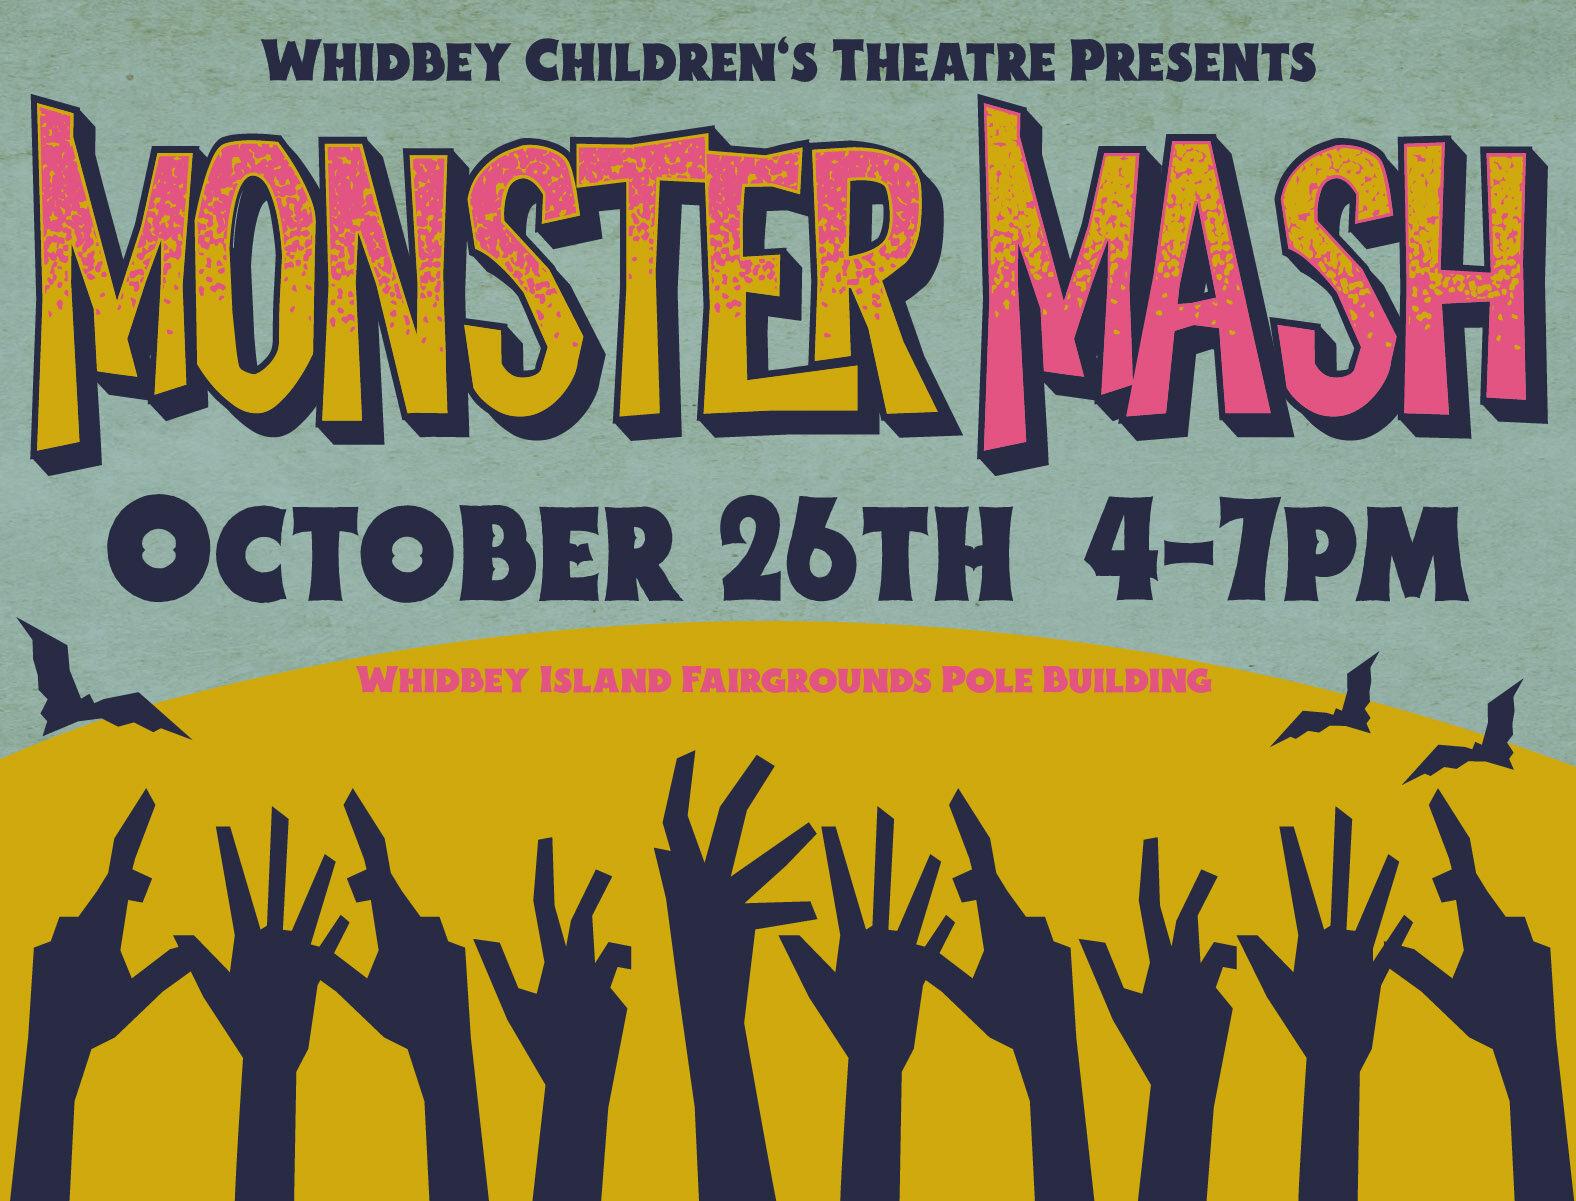 Monster Mash Postcard DS-1.jpg